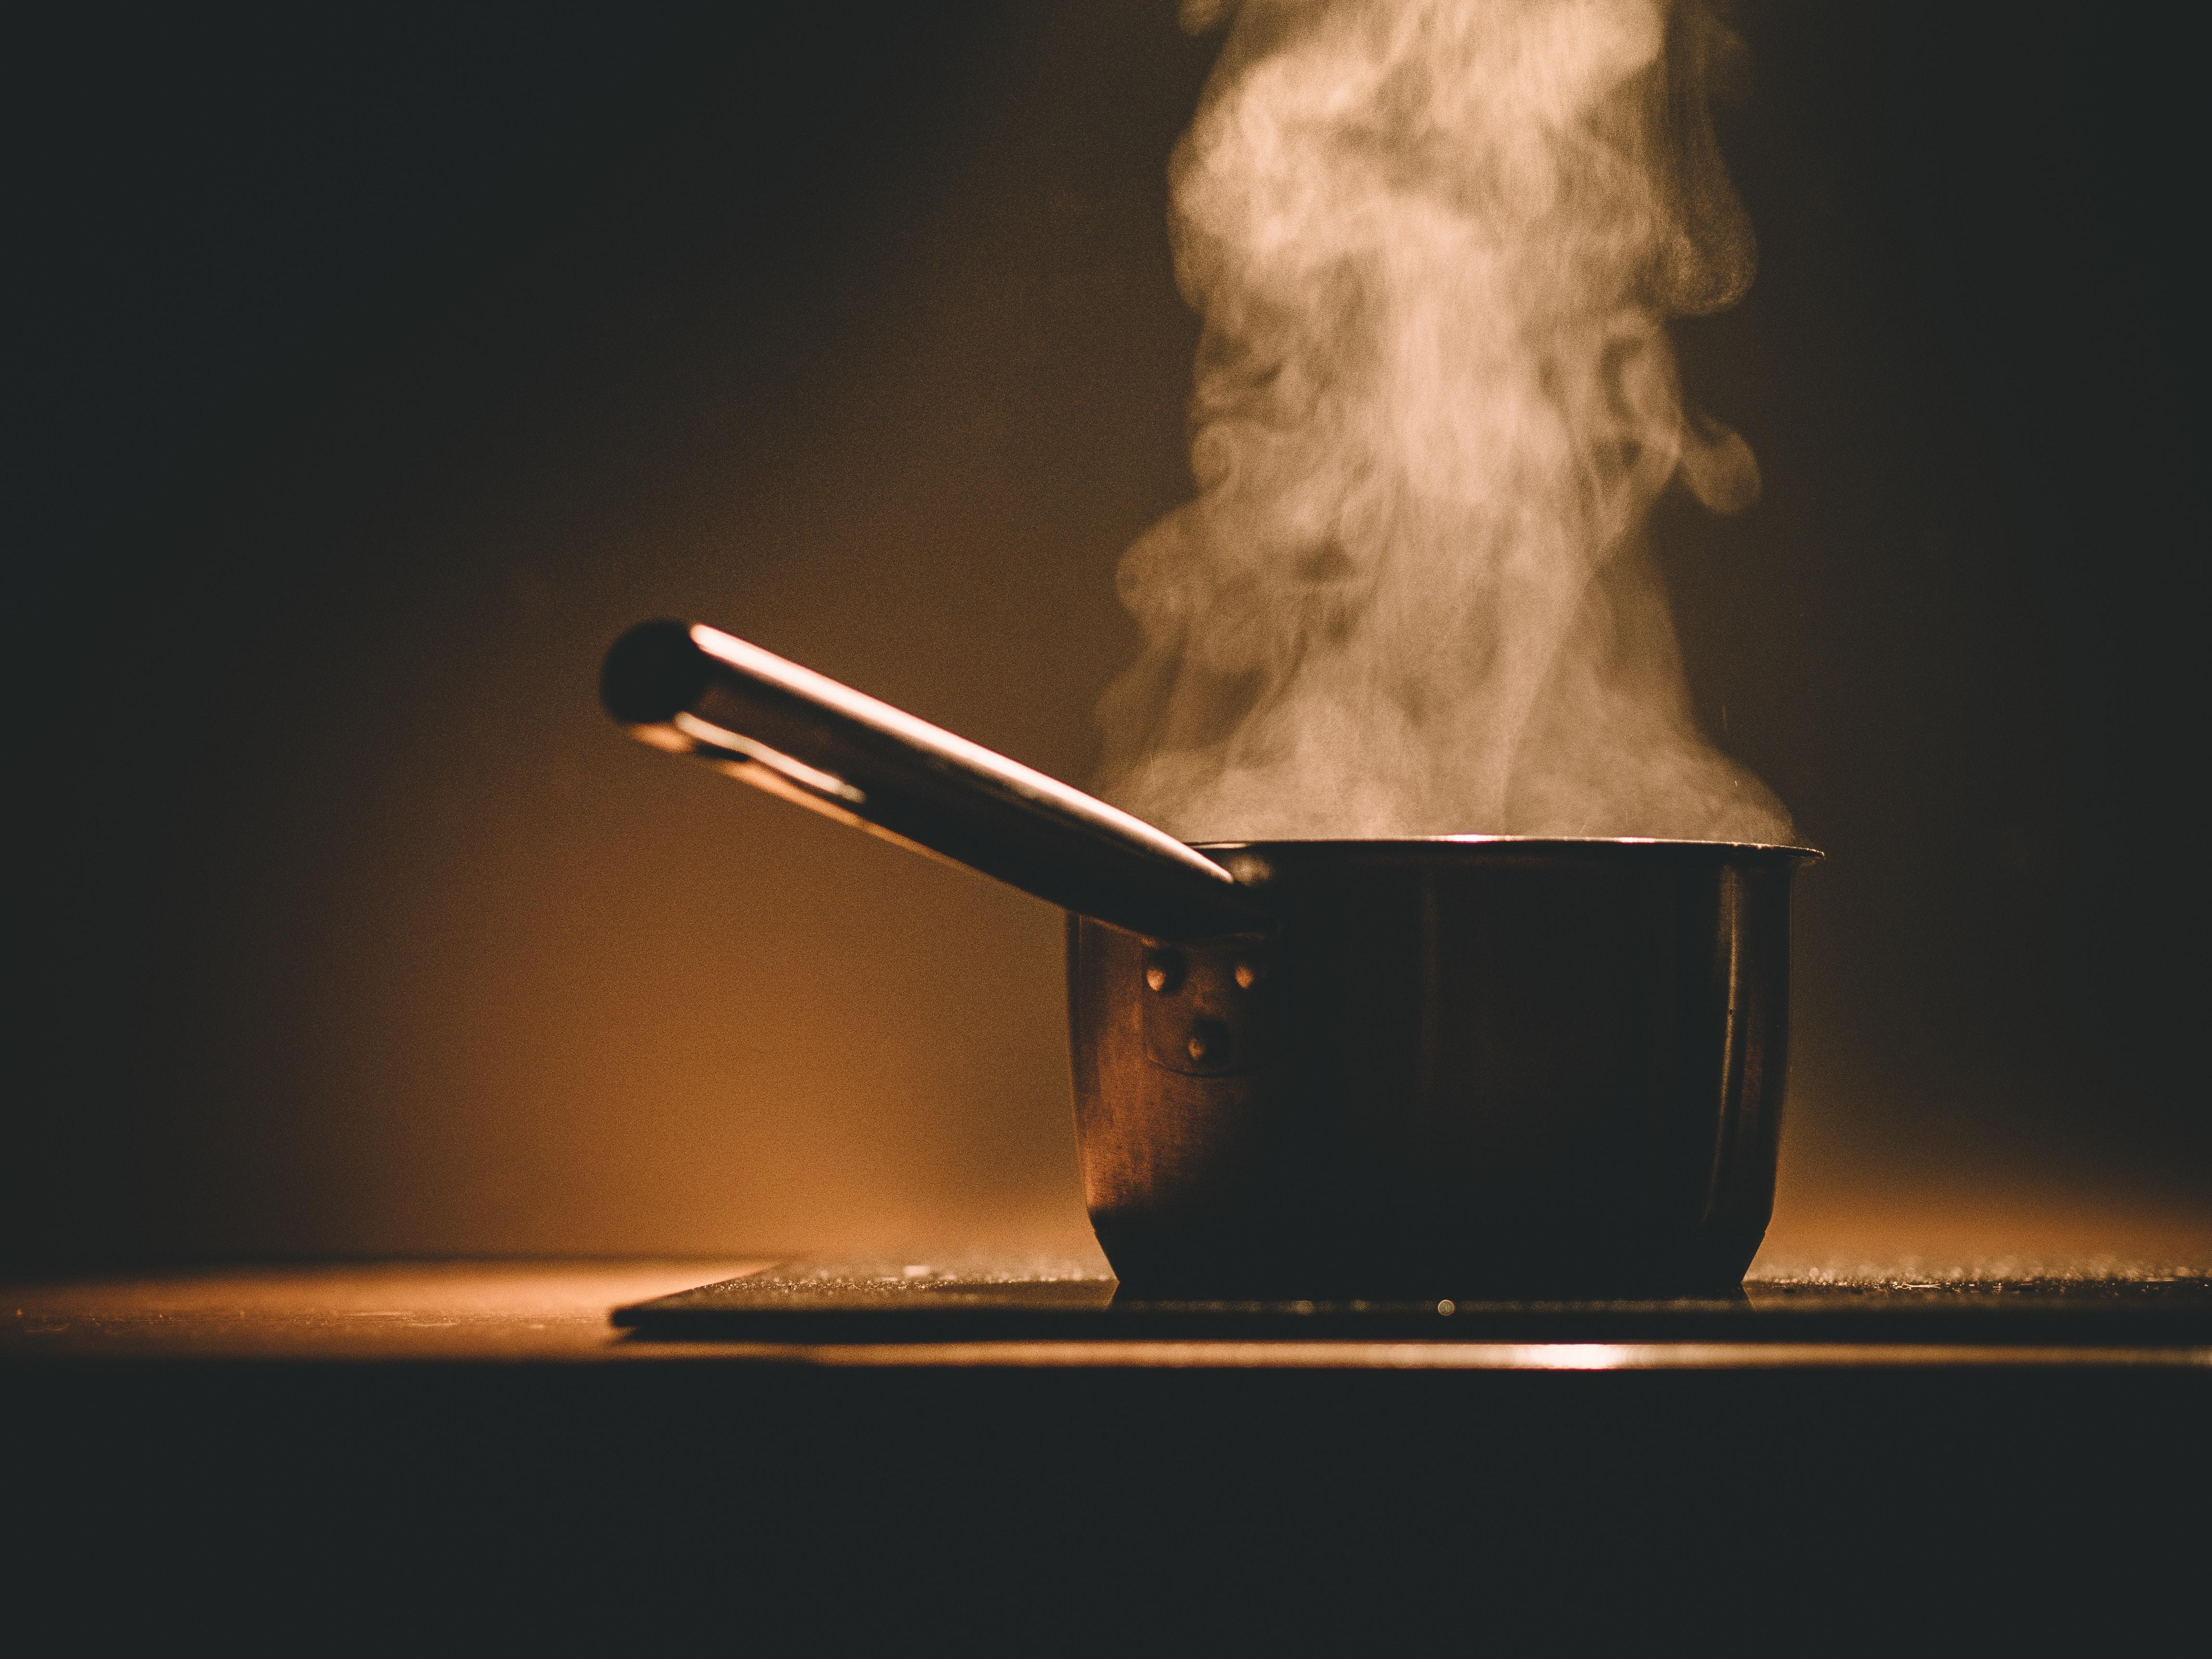 Тенджерата под налягане е приятел в готвенетона бобовите храни<br /> За да сготвите бобова храна с тенджера под налягане са нужни само 40 минути готвене без наблюдение(вместо 3 часа плюс киснене цяла нощ). За да получите перфектно меки, кремообразниотвътре, безупречно подправени зрънца нахут (или каквото и да е бобово растение).